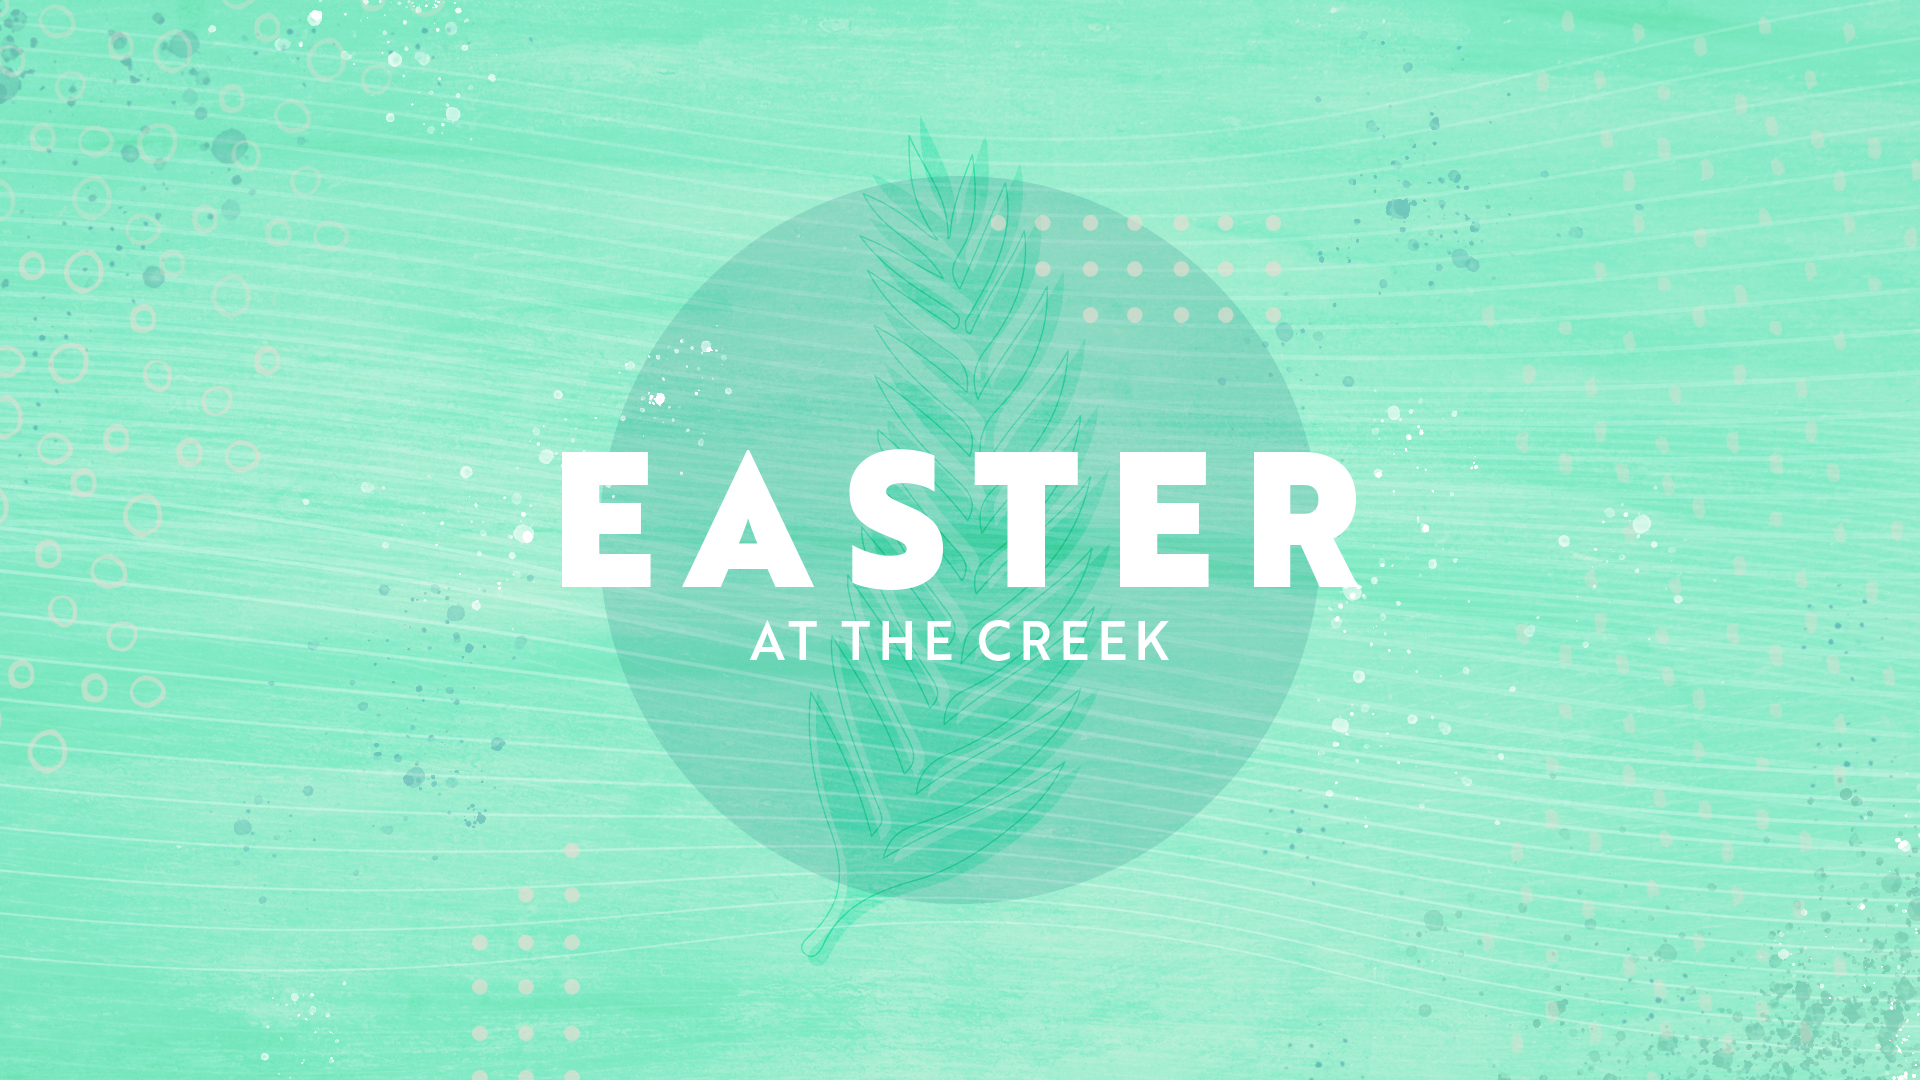 TheCreek_Easter2019.jpg